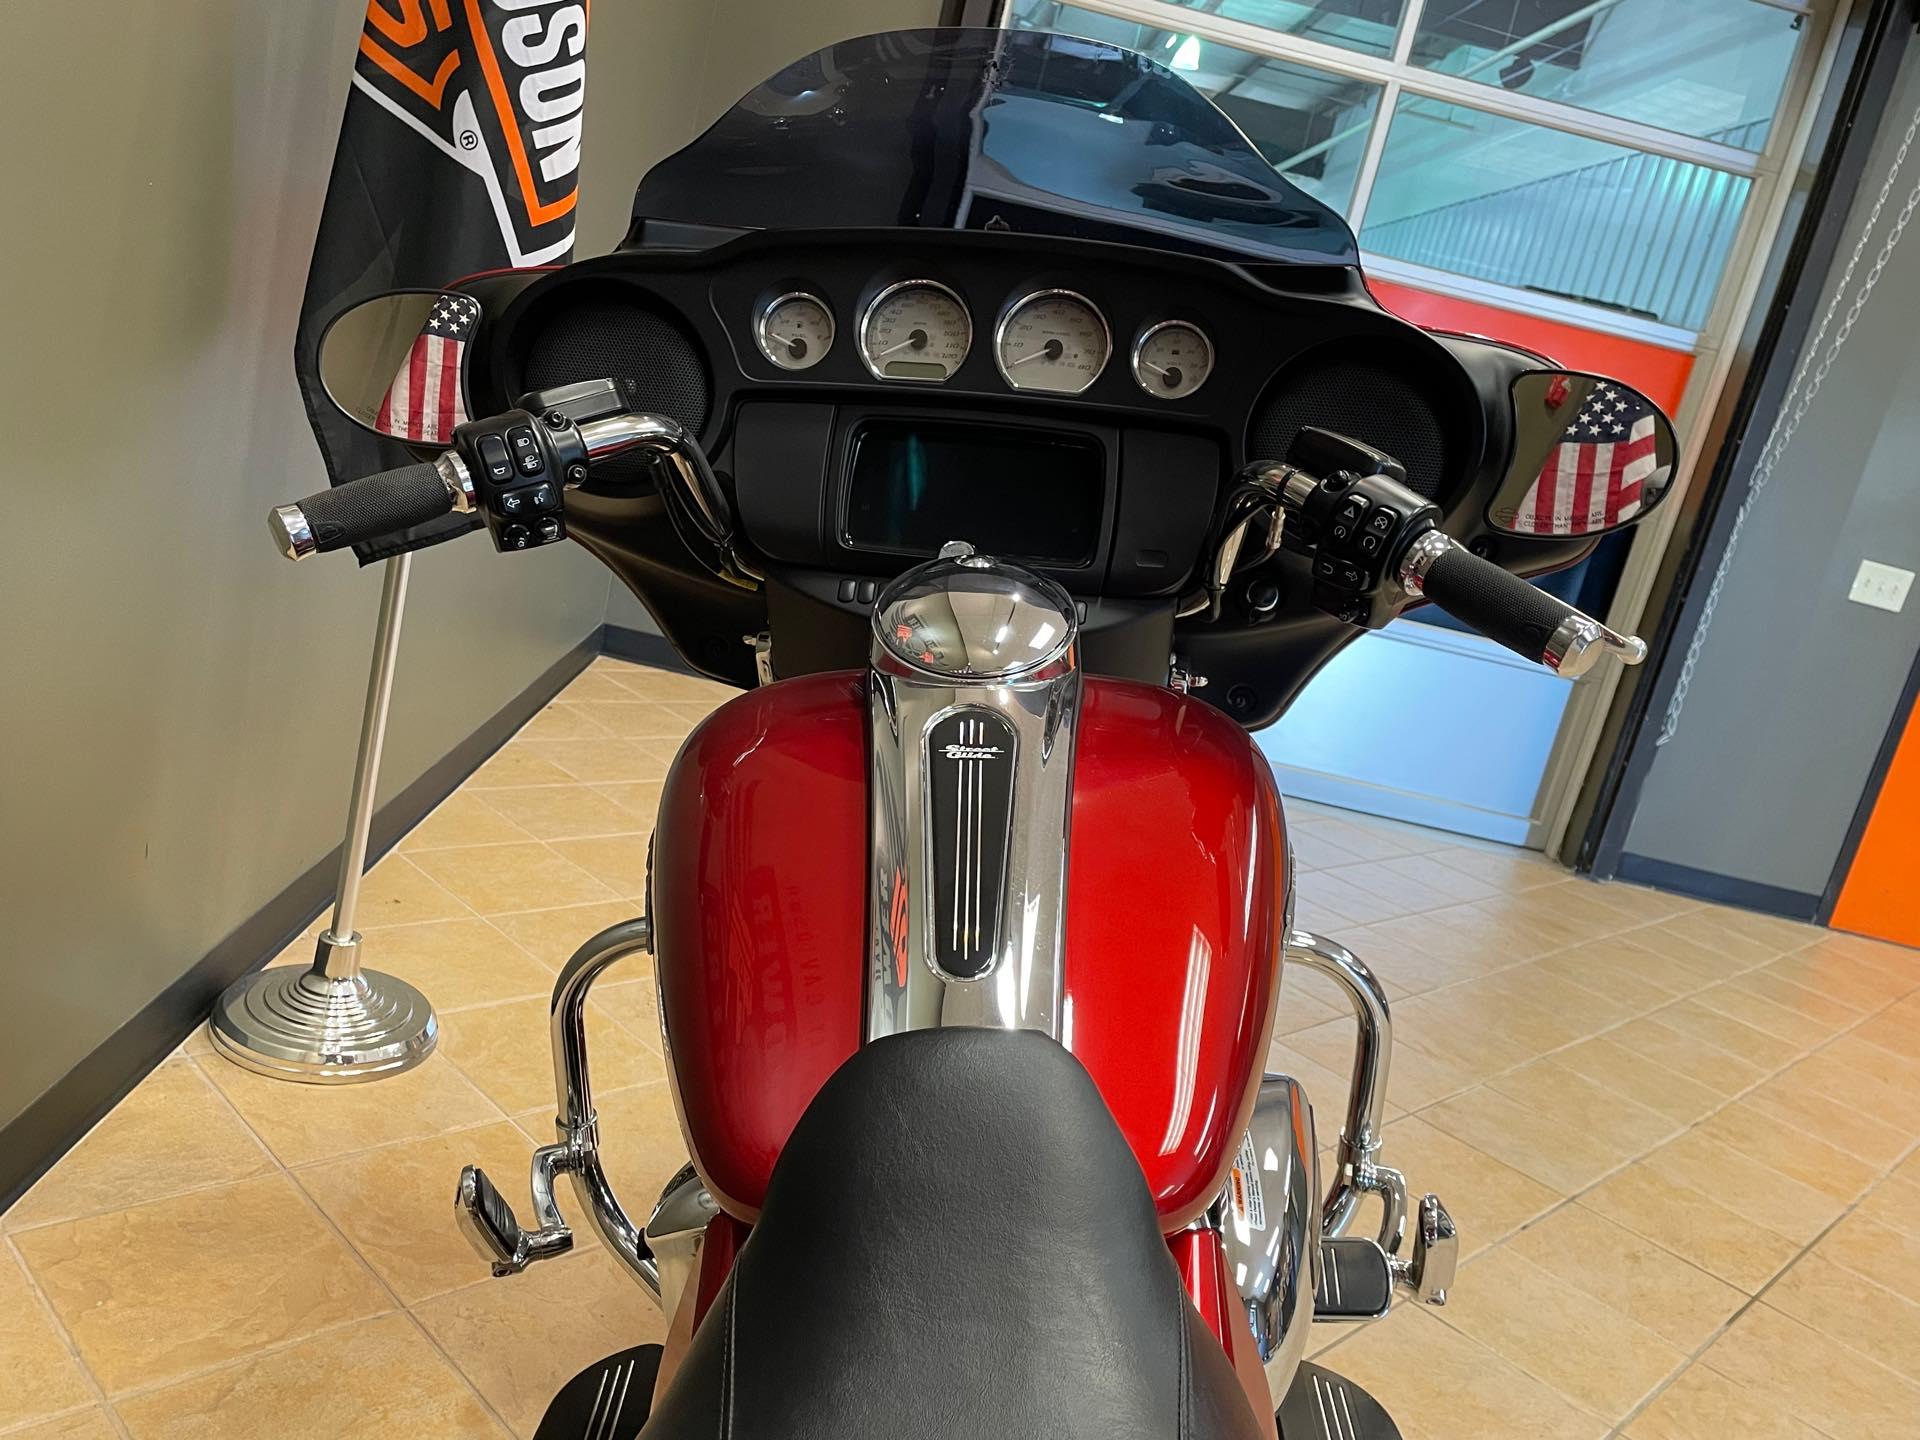 2019 Harley-Davidson Street Glide Base at Loess Hills Harley-Davidson